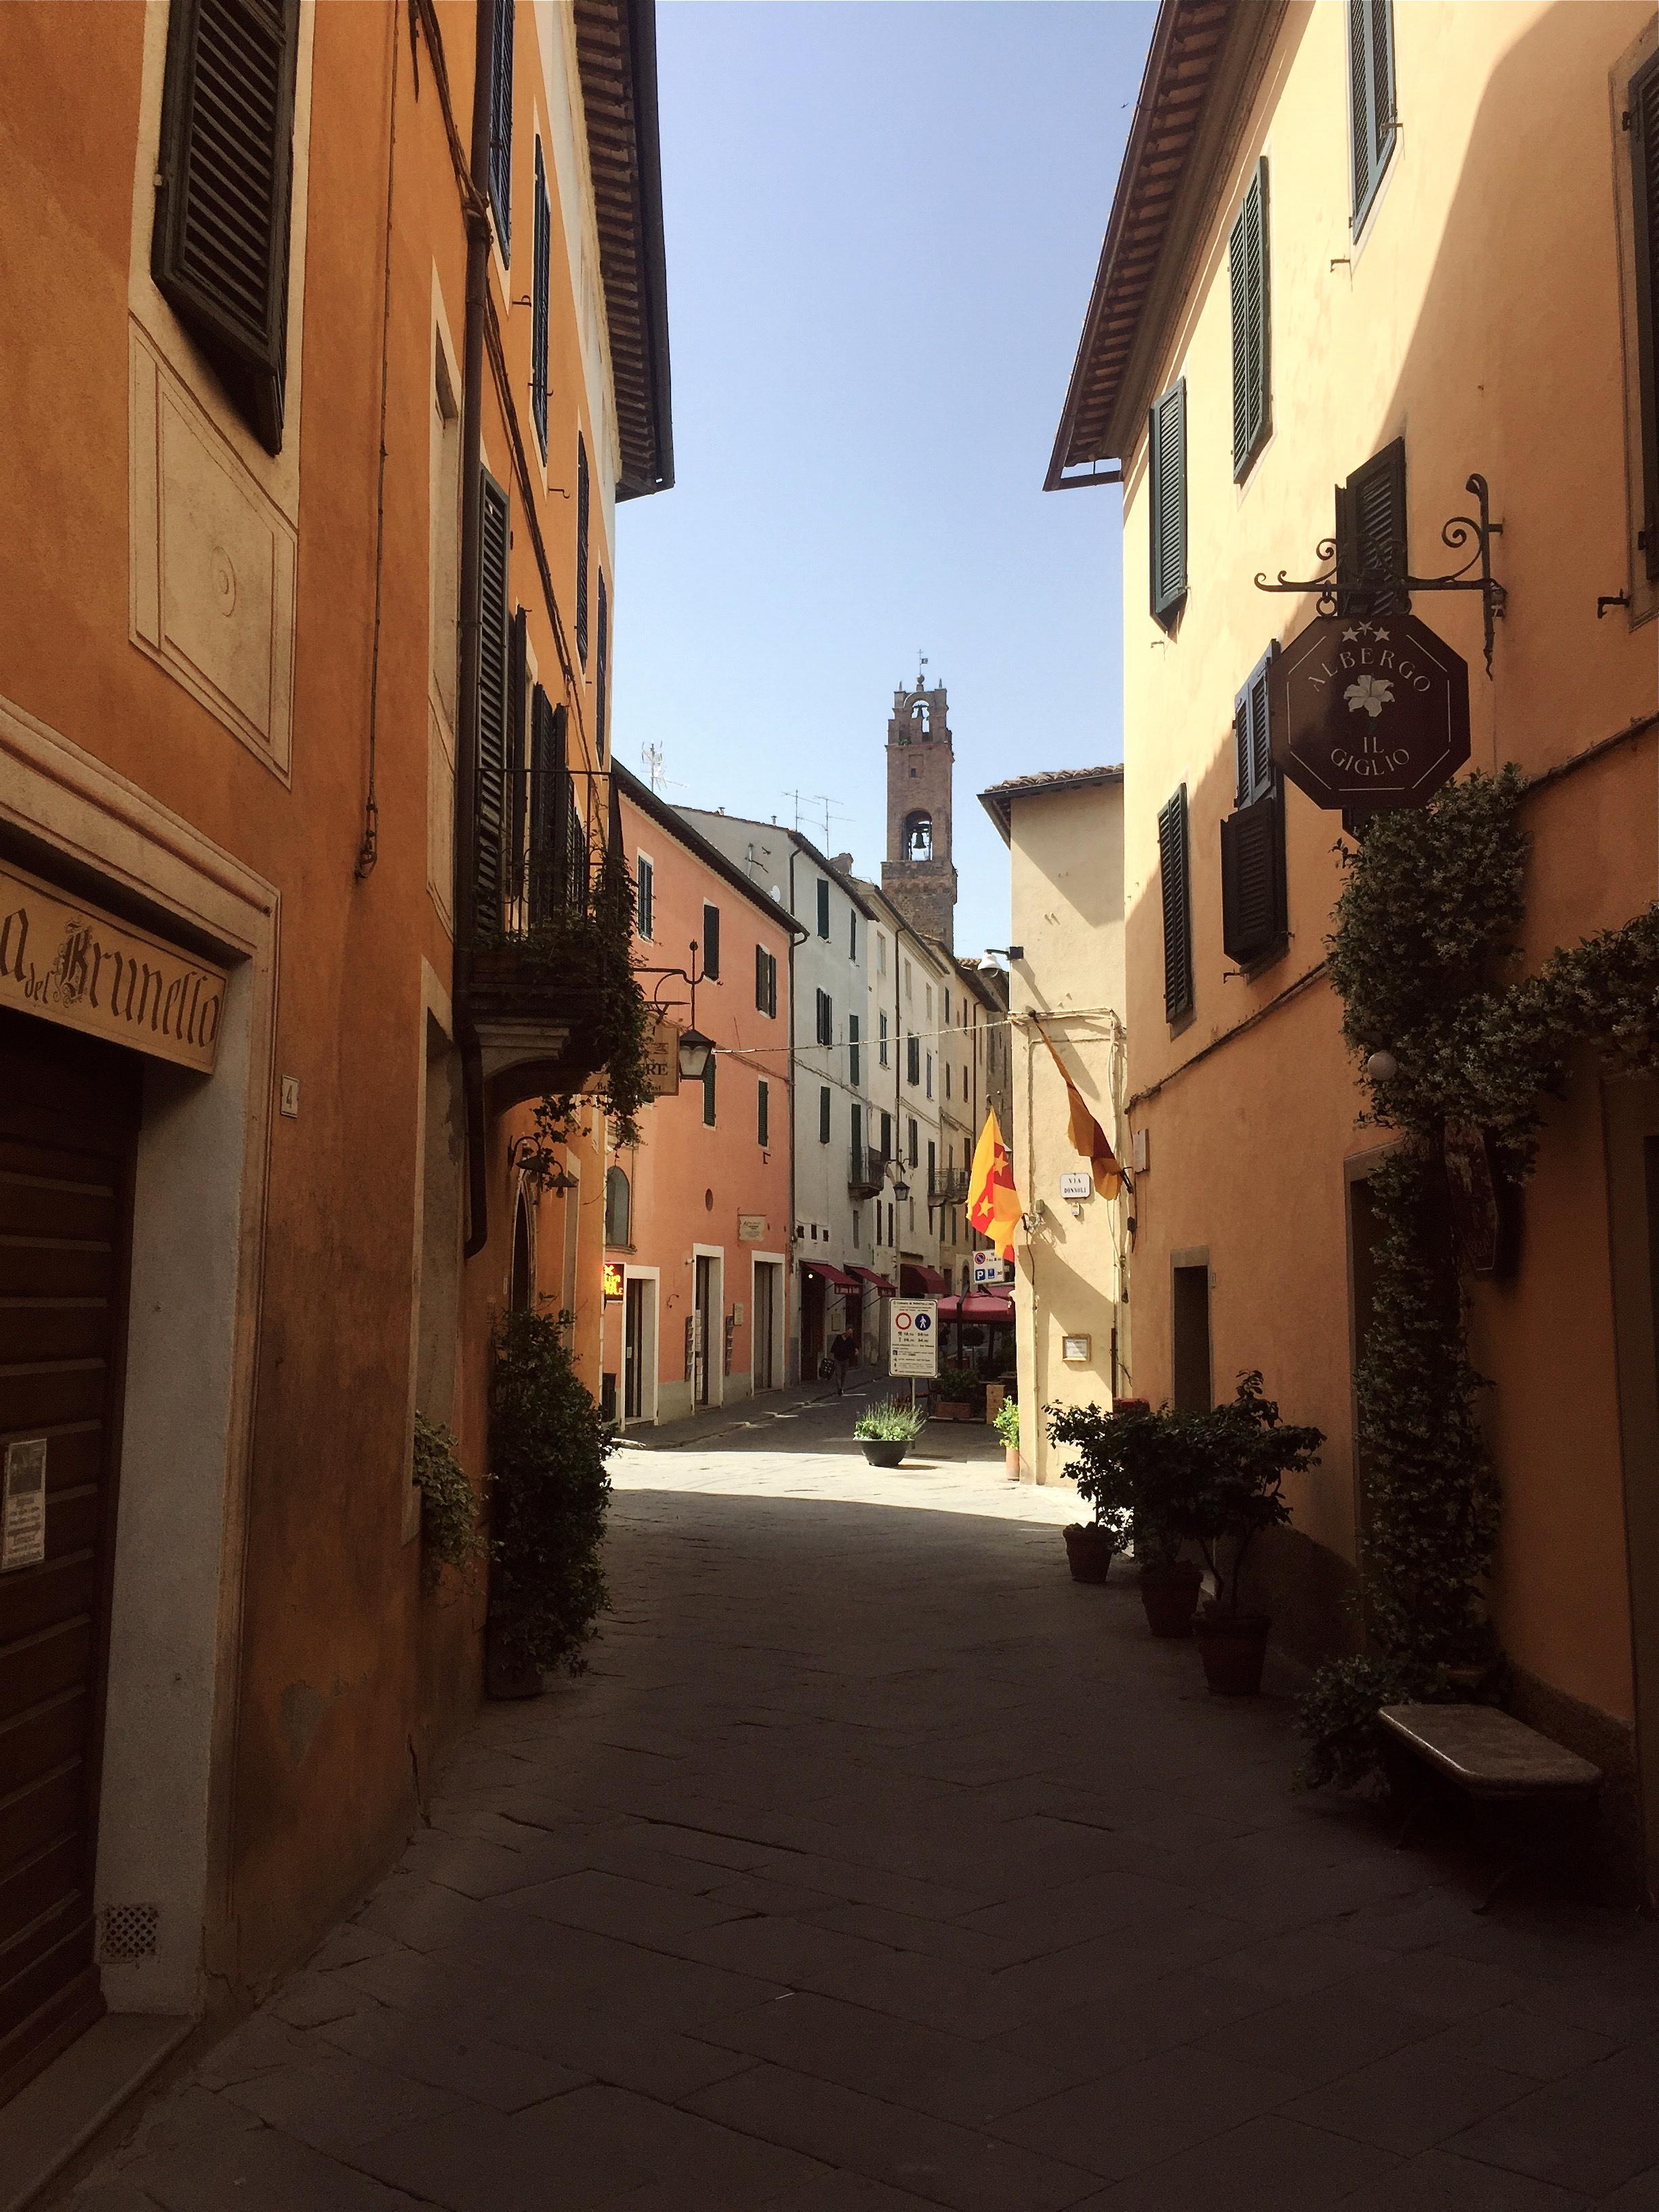 Montalcino, Tuscany, Italy.